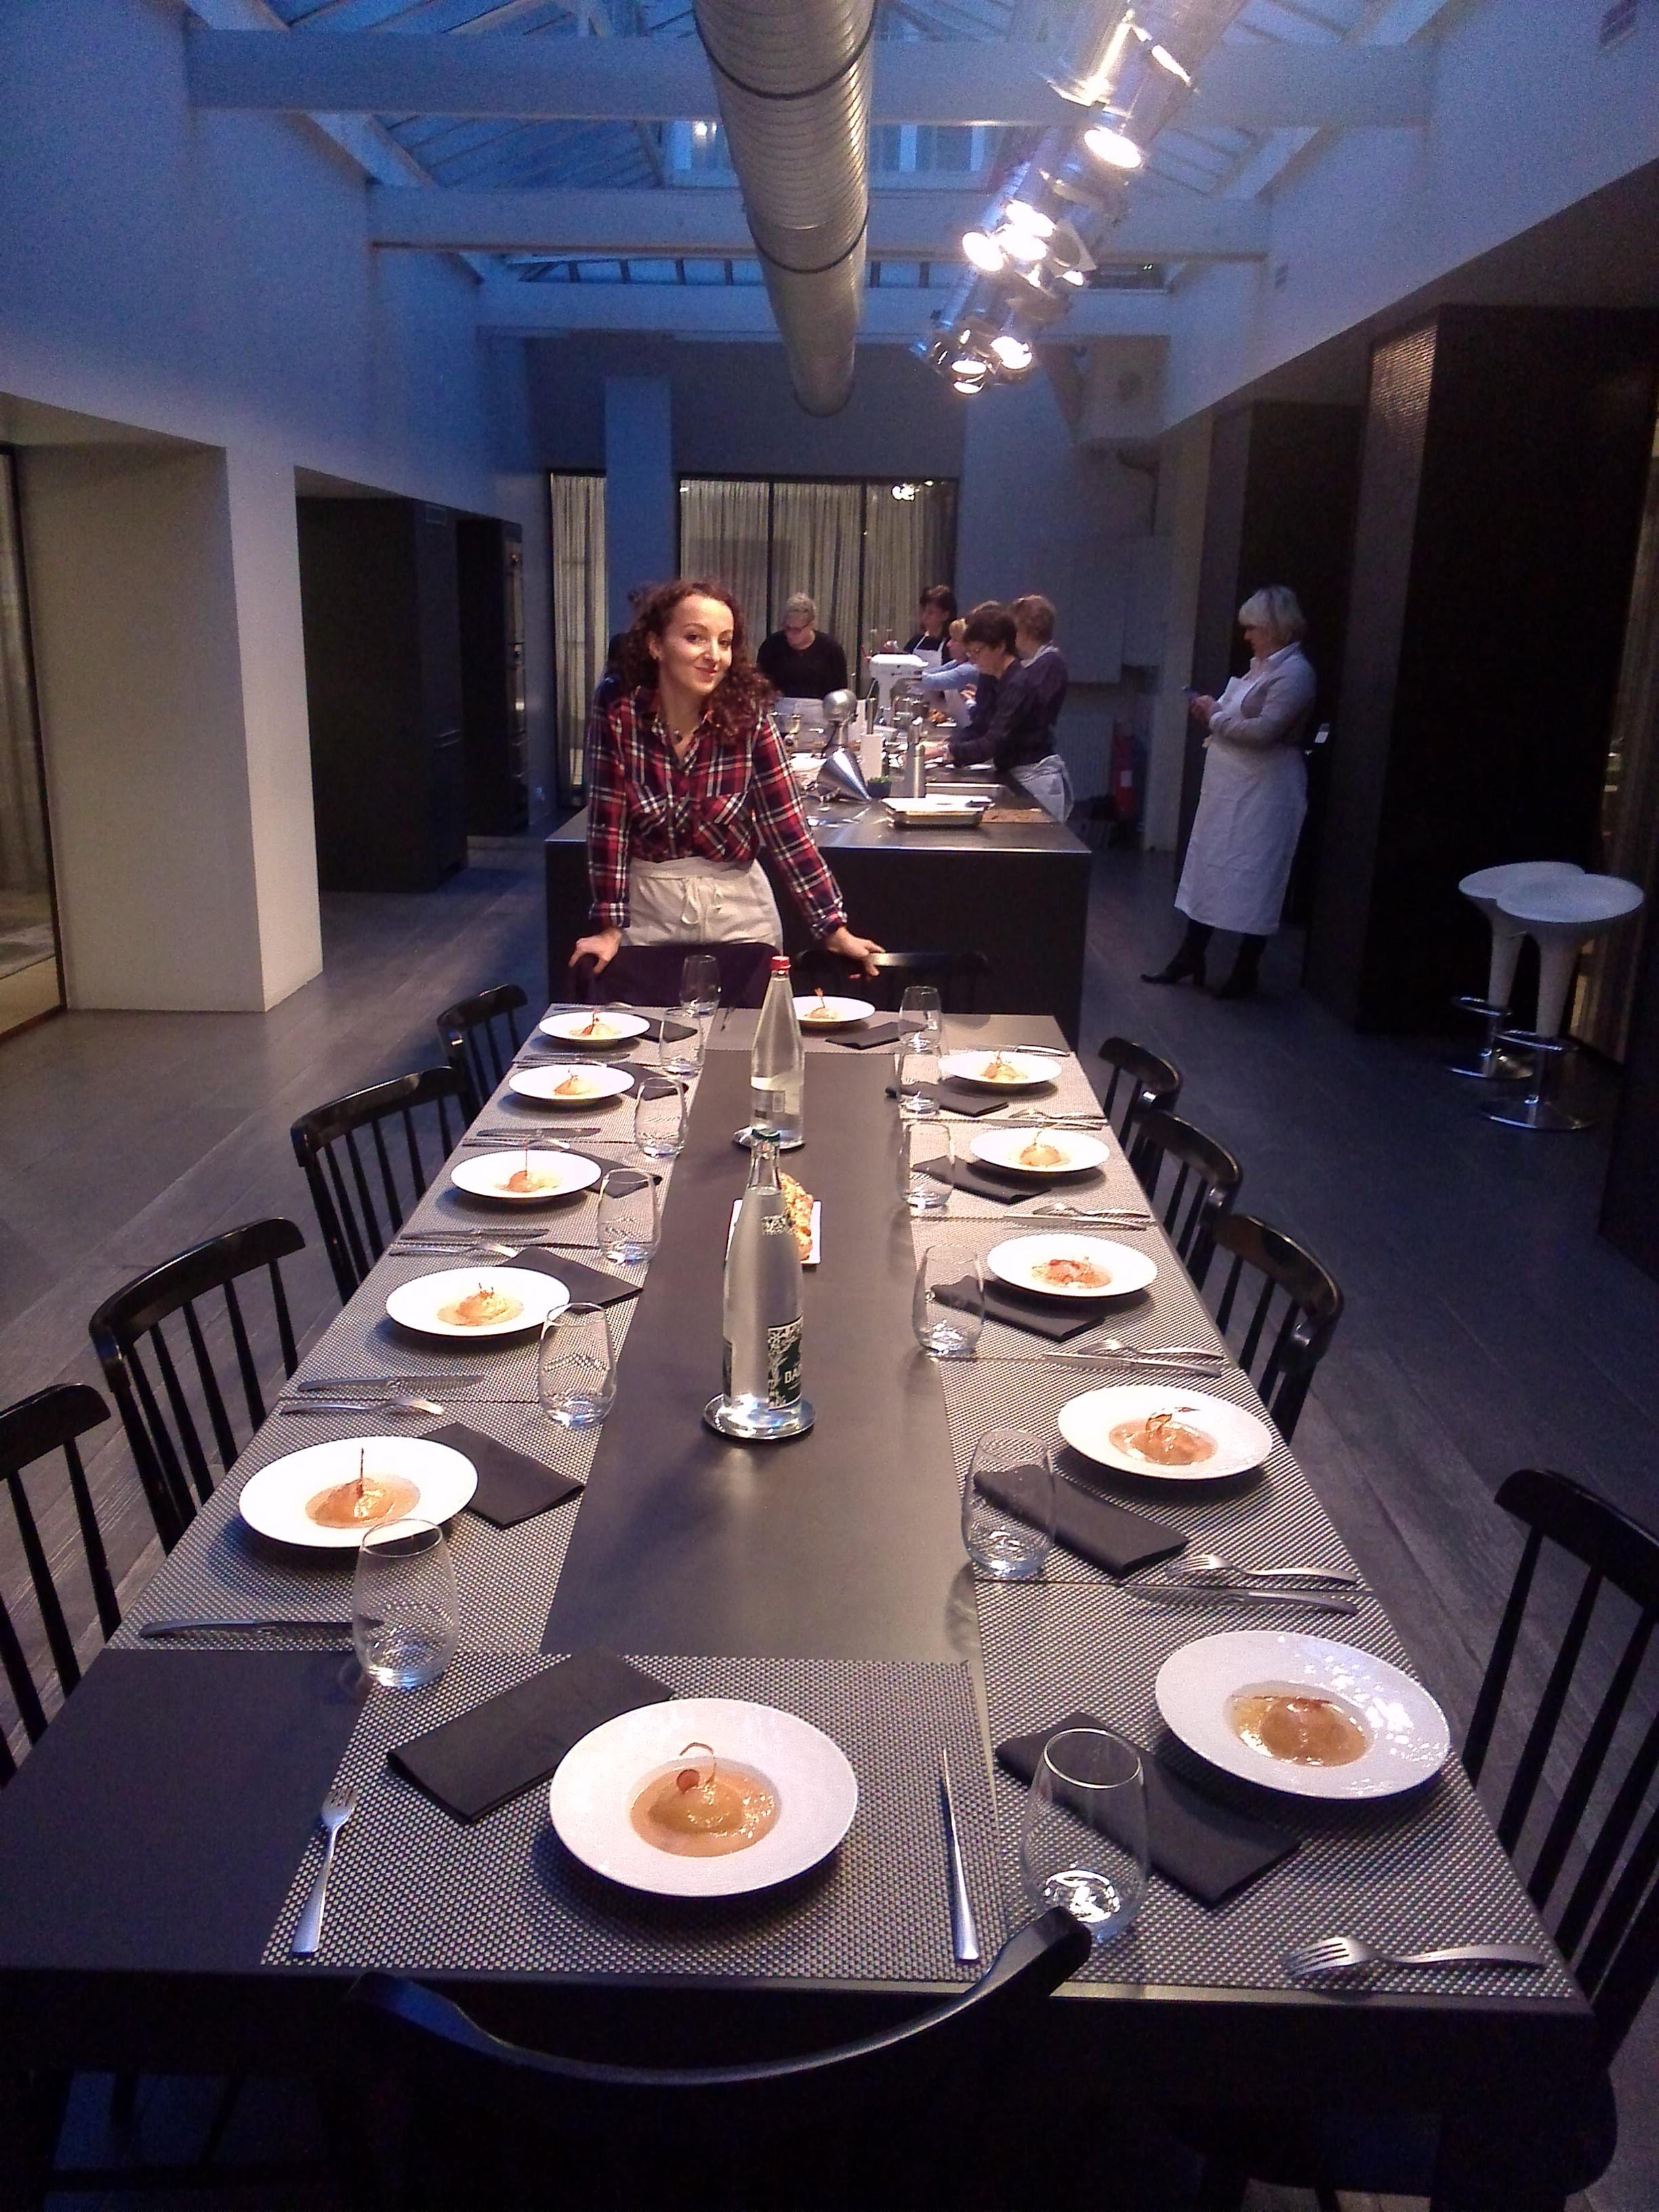 Jai Testé Cuisine Attitude Lécole De Cuisine De Cyril Lignac - Cours de cuisine paris cyril lignac